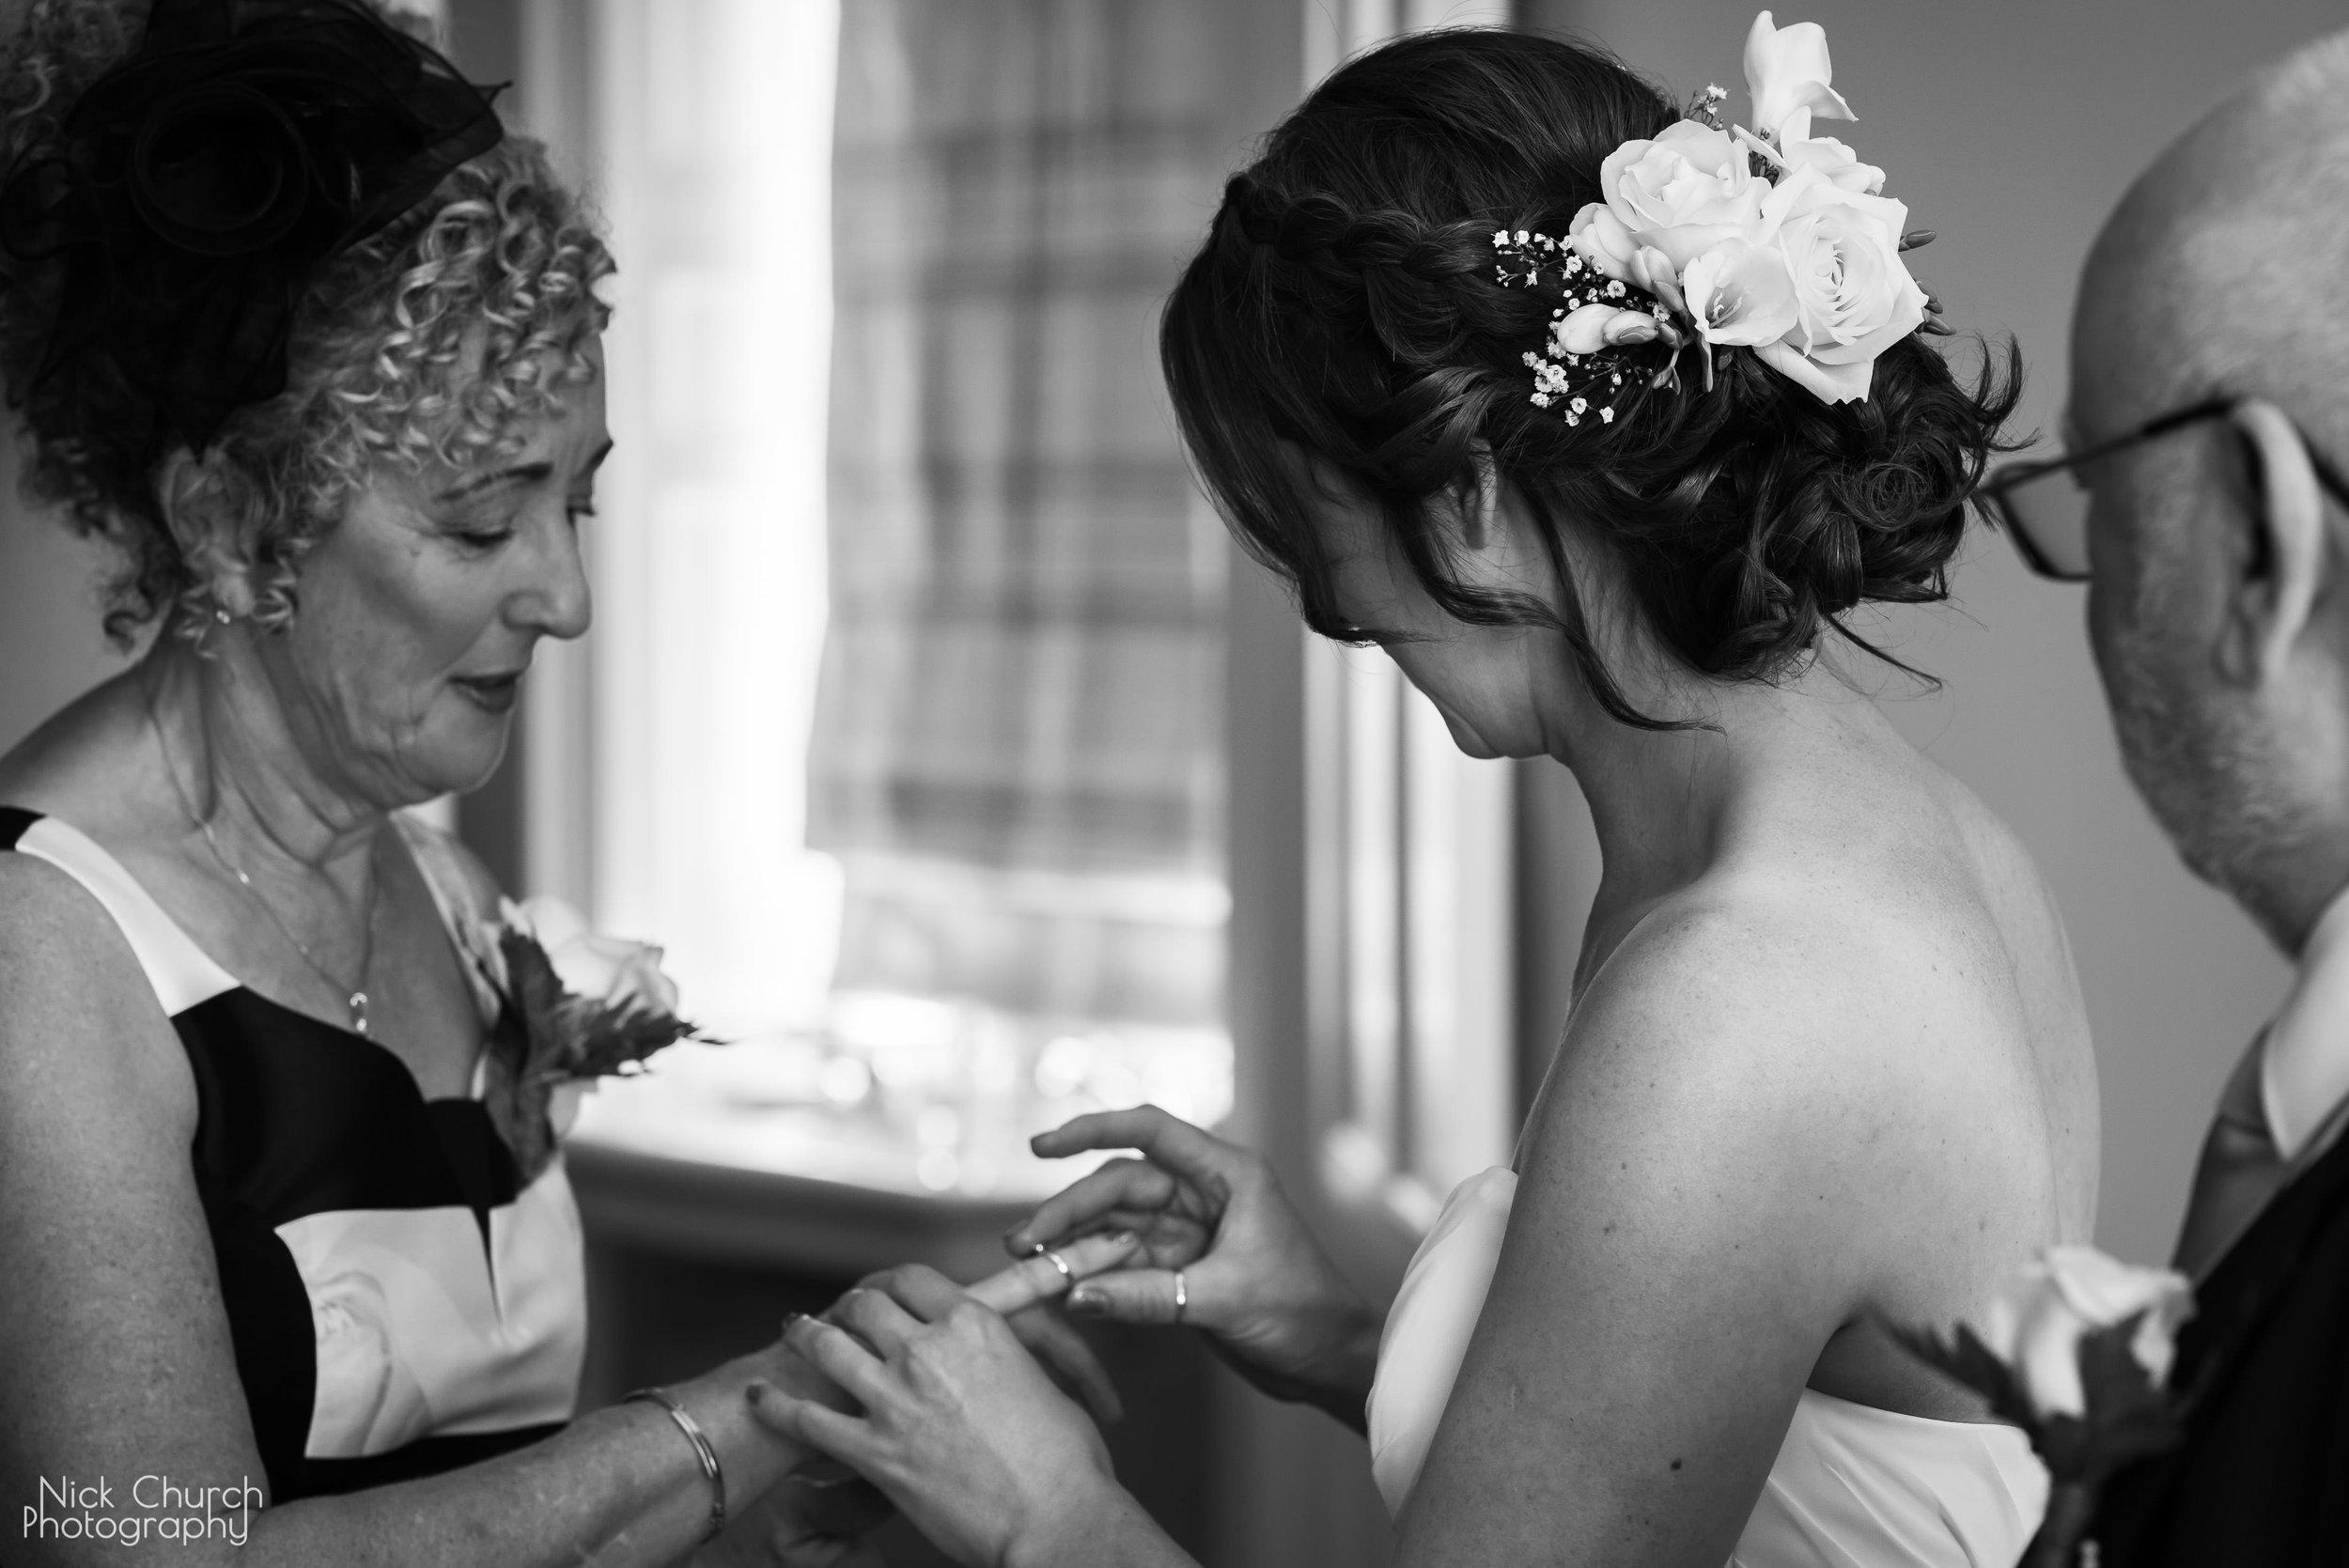 NC-2018-05-07-joanna-and-steve-wedding-1611.jpg